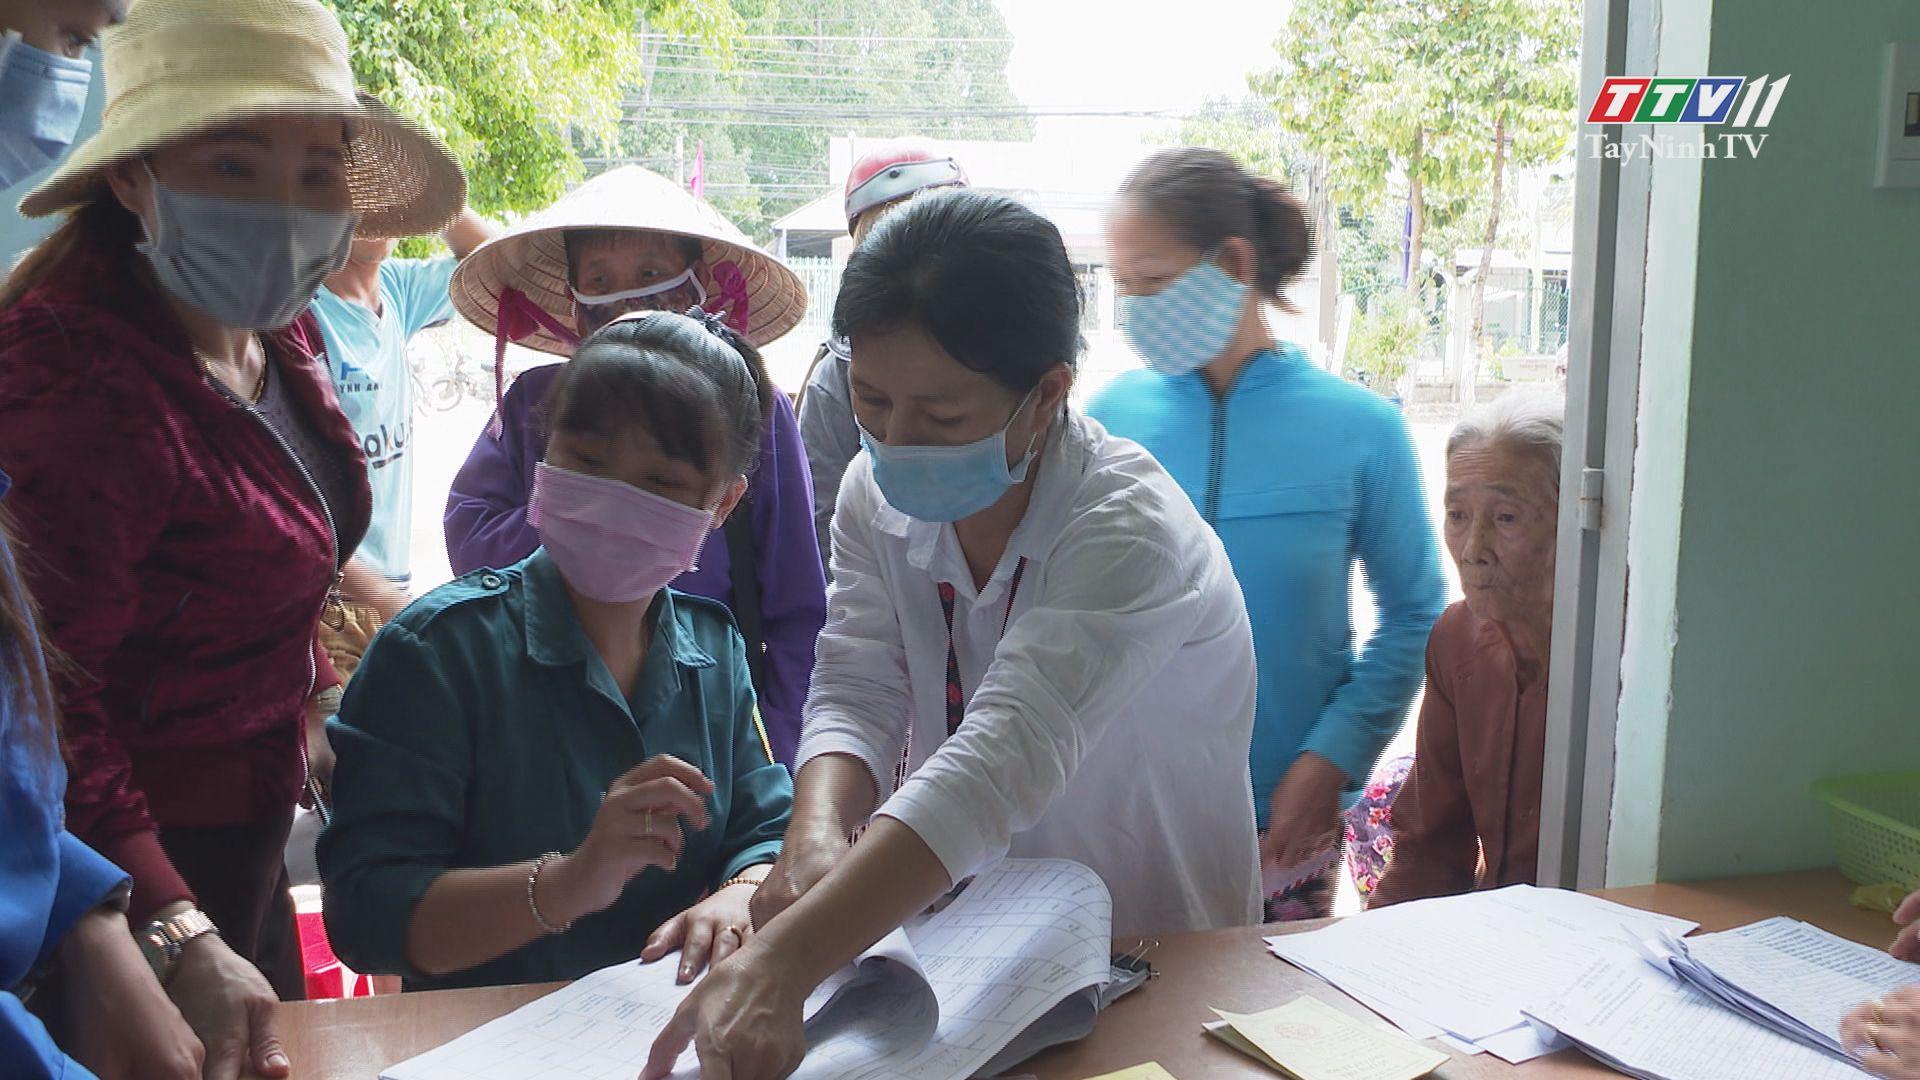 Hỗ trợ người dân bị ảnh hưởng bởi đại dịch covid-19: vẫn còn một số khó khăn | TIẾNG NÓI CỬ TRI | TayNinhTV